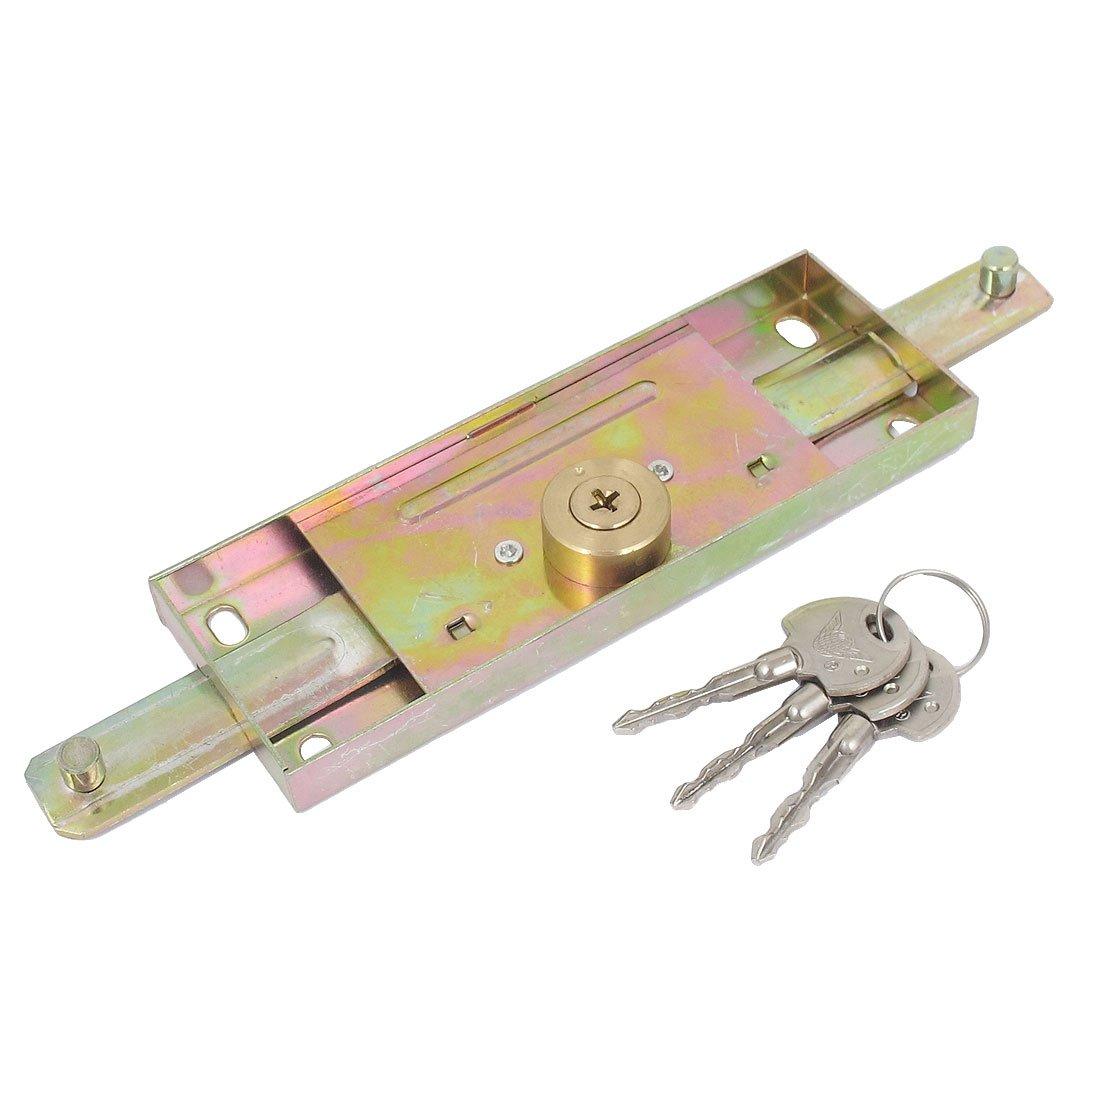 Aexit Warehouse Garage Security Vertikale Kreuzverriegelung Rollt/ürverschluss mit 3 Schl/üsseln afc01298cbc9cb1b5c41f21ea6226f82